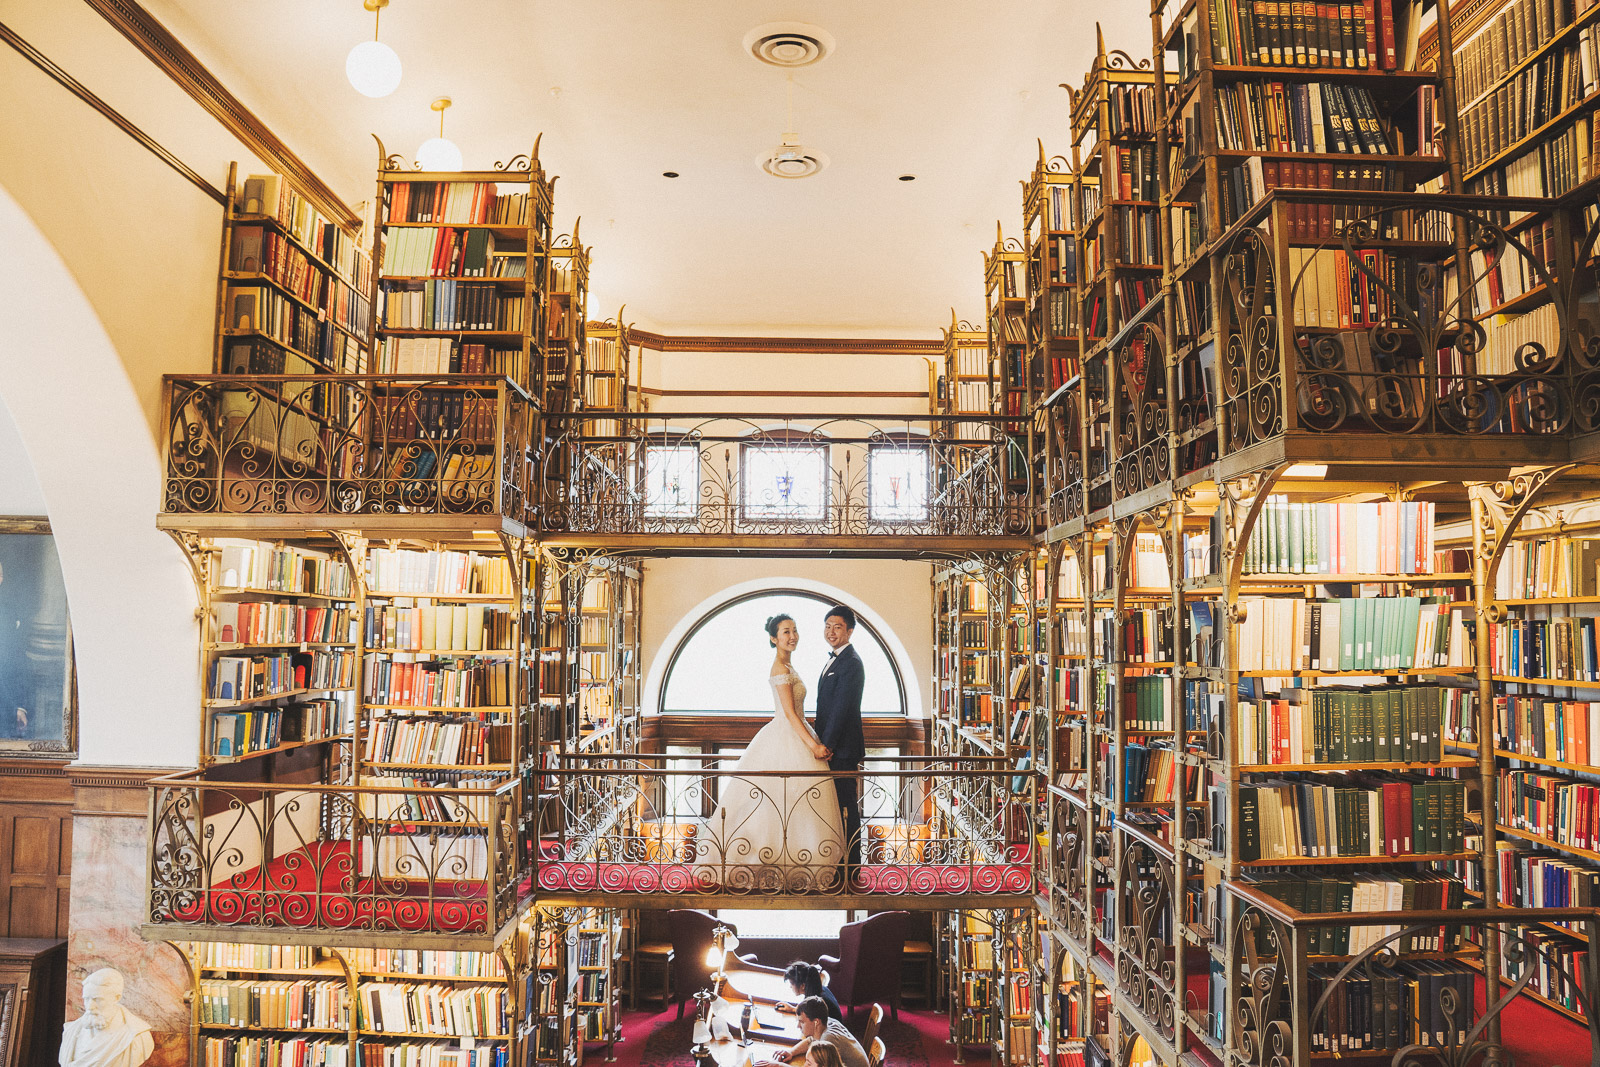 康乃爾圖書館婚紗拍攝_海外婚紗